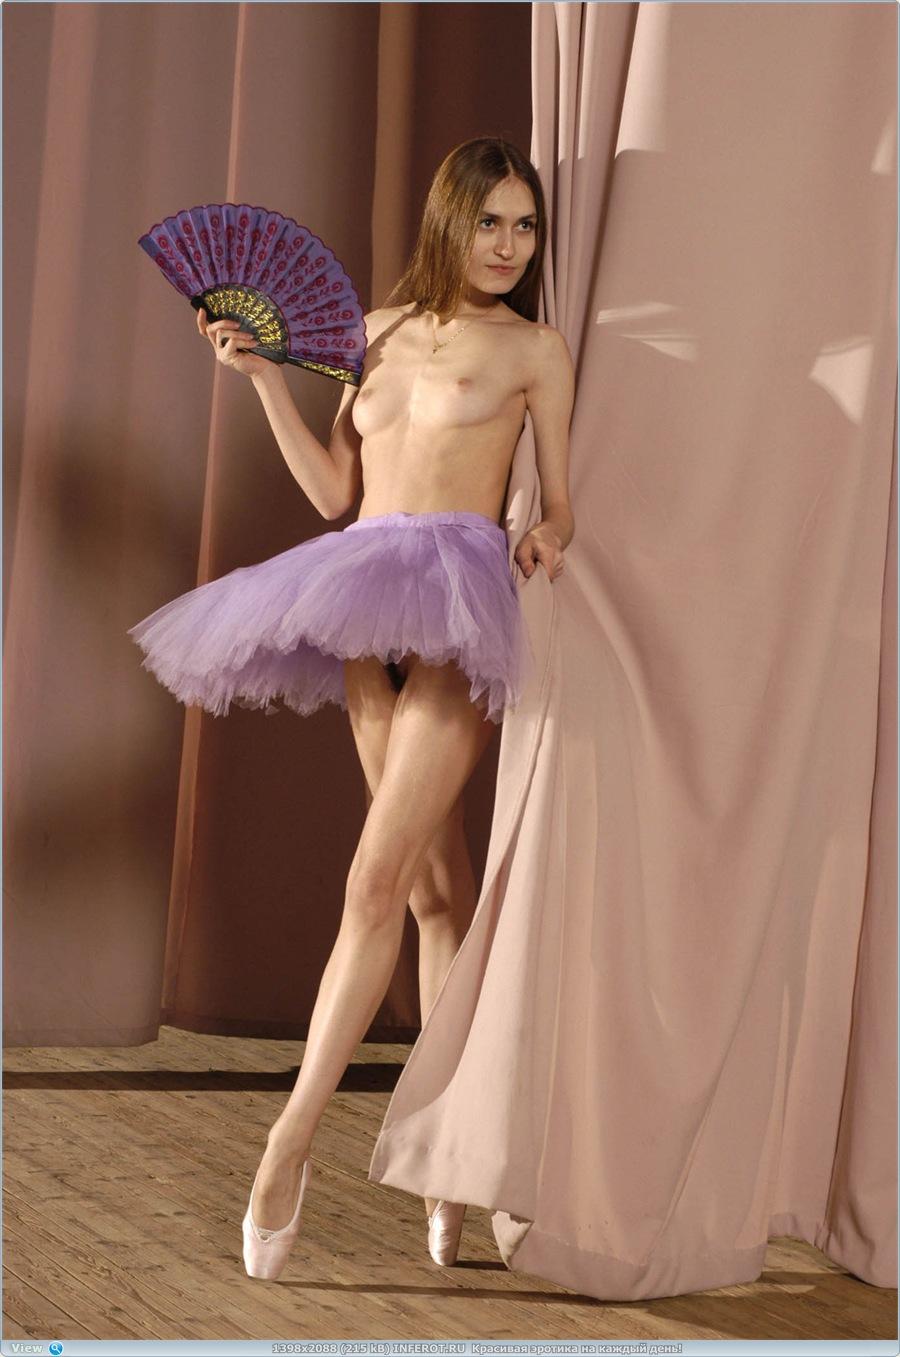 Развратное шоу балерин фото 5 фотография